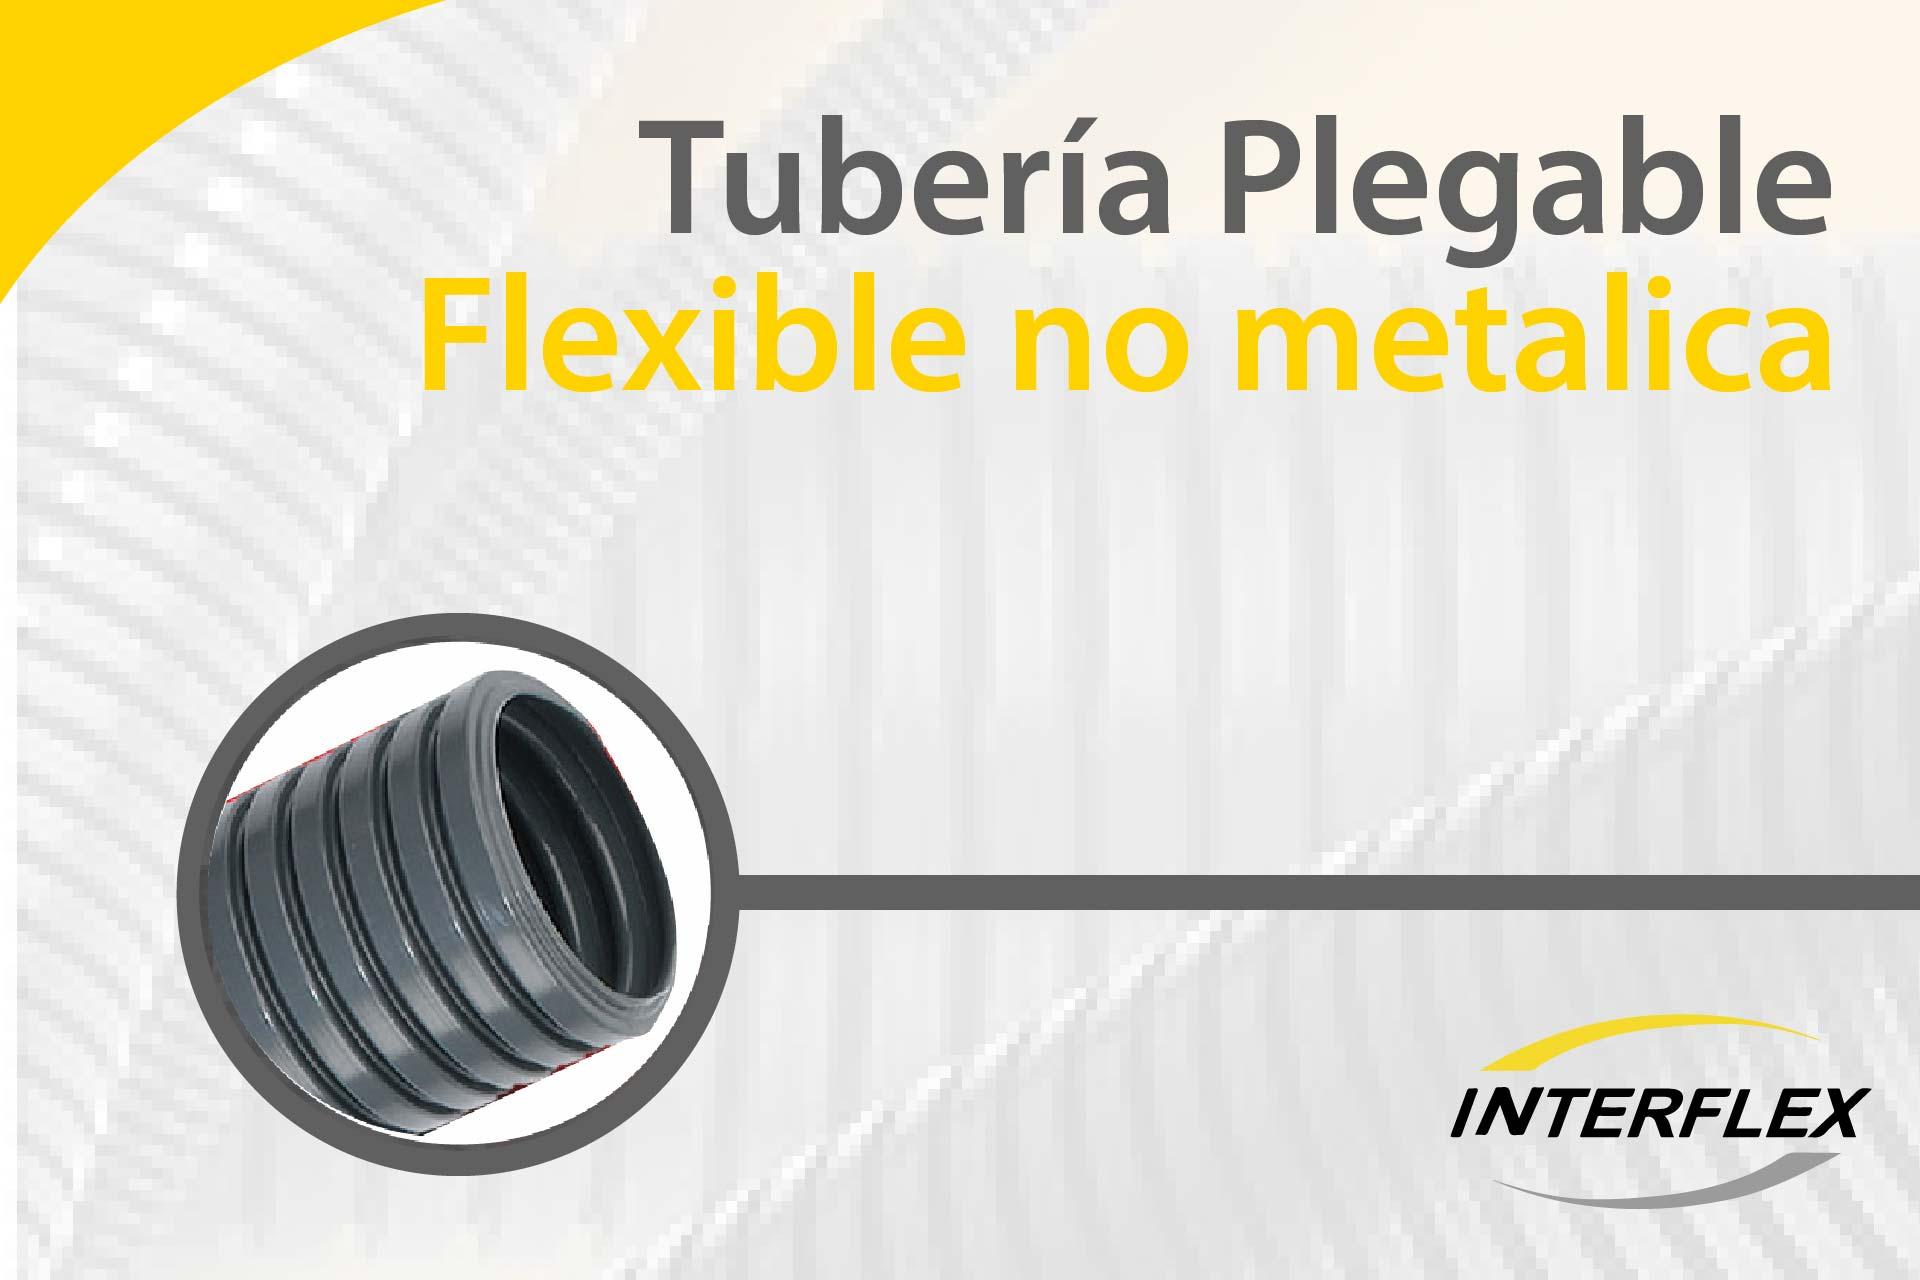 ¡Tubería flexible!  Interflex